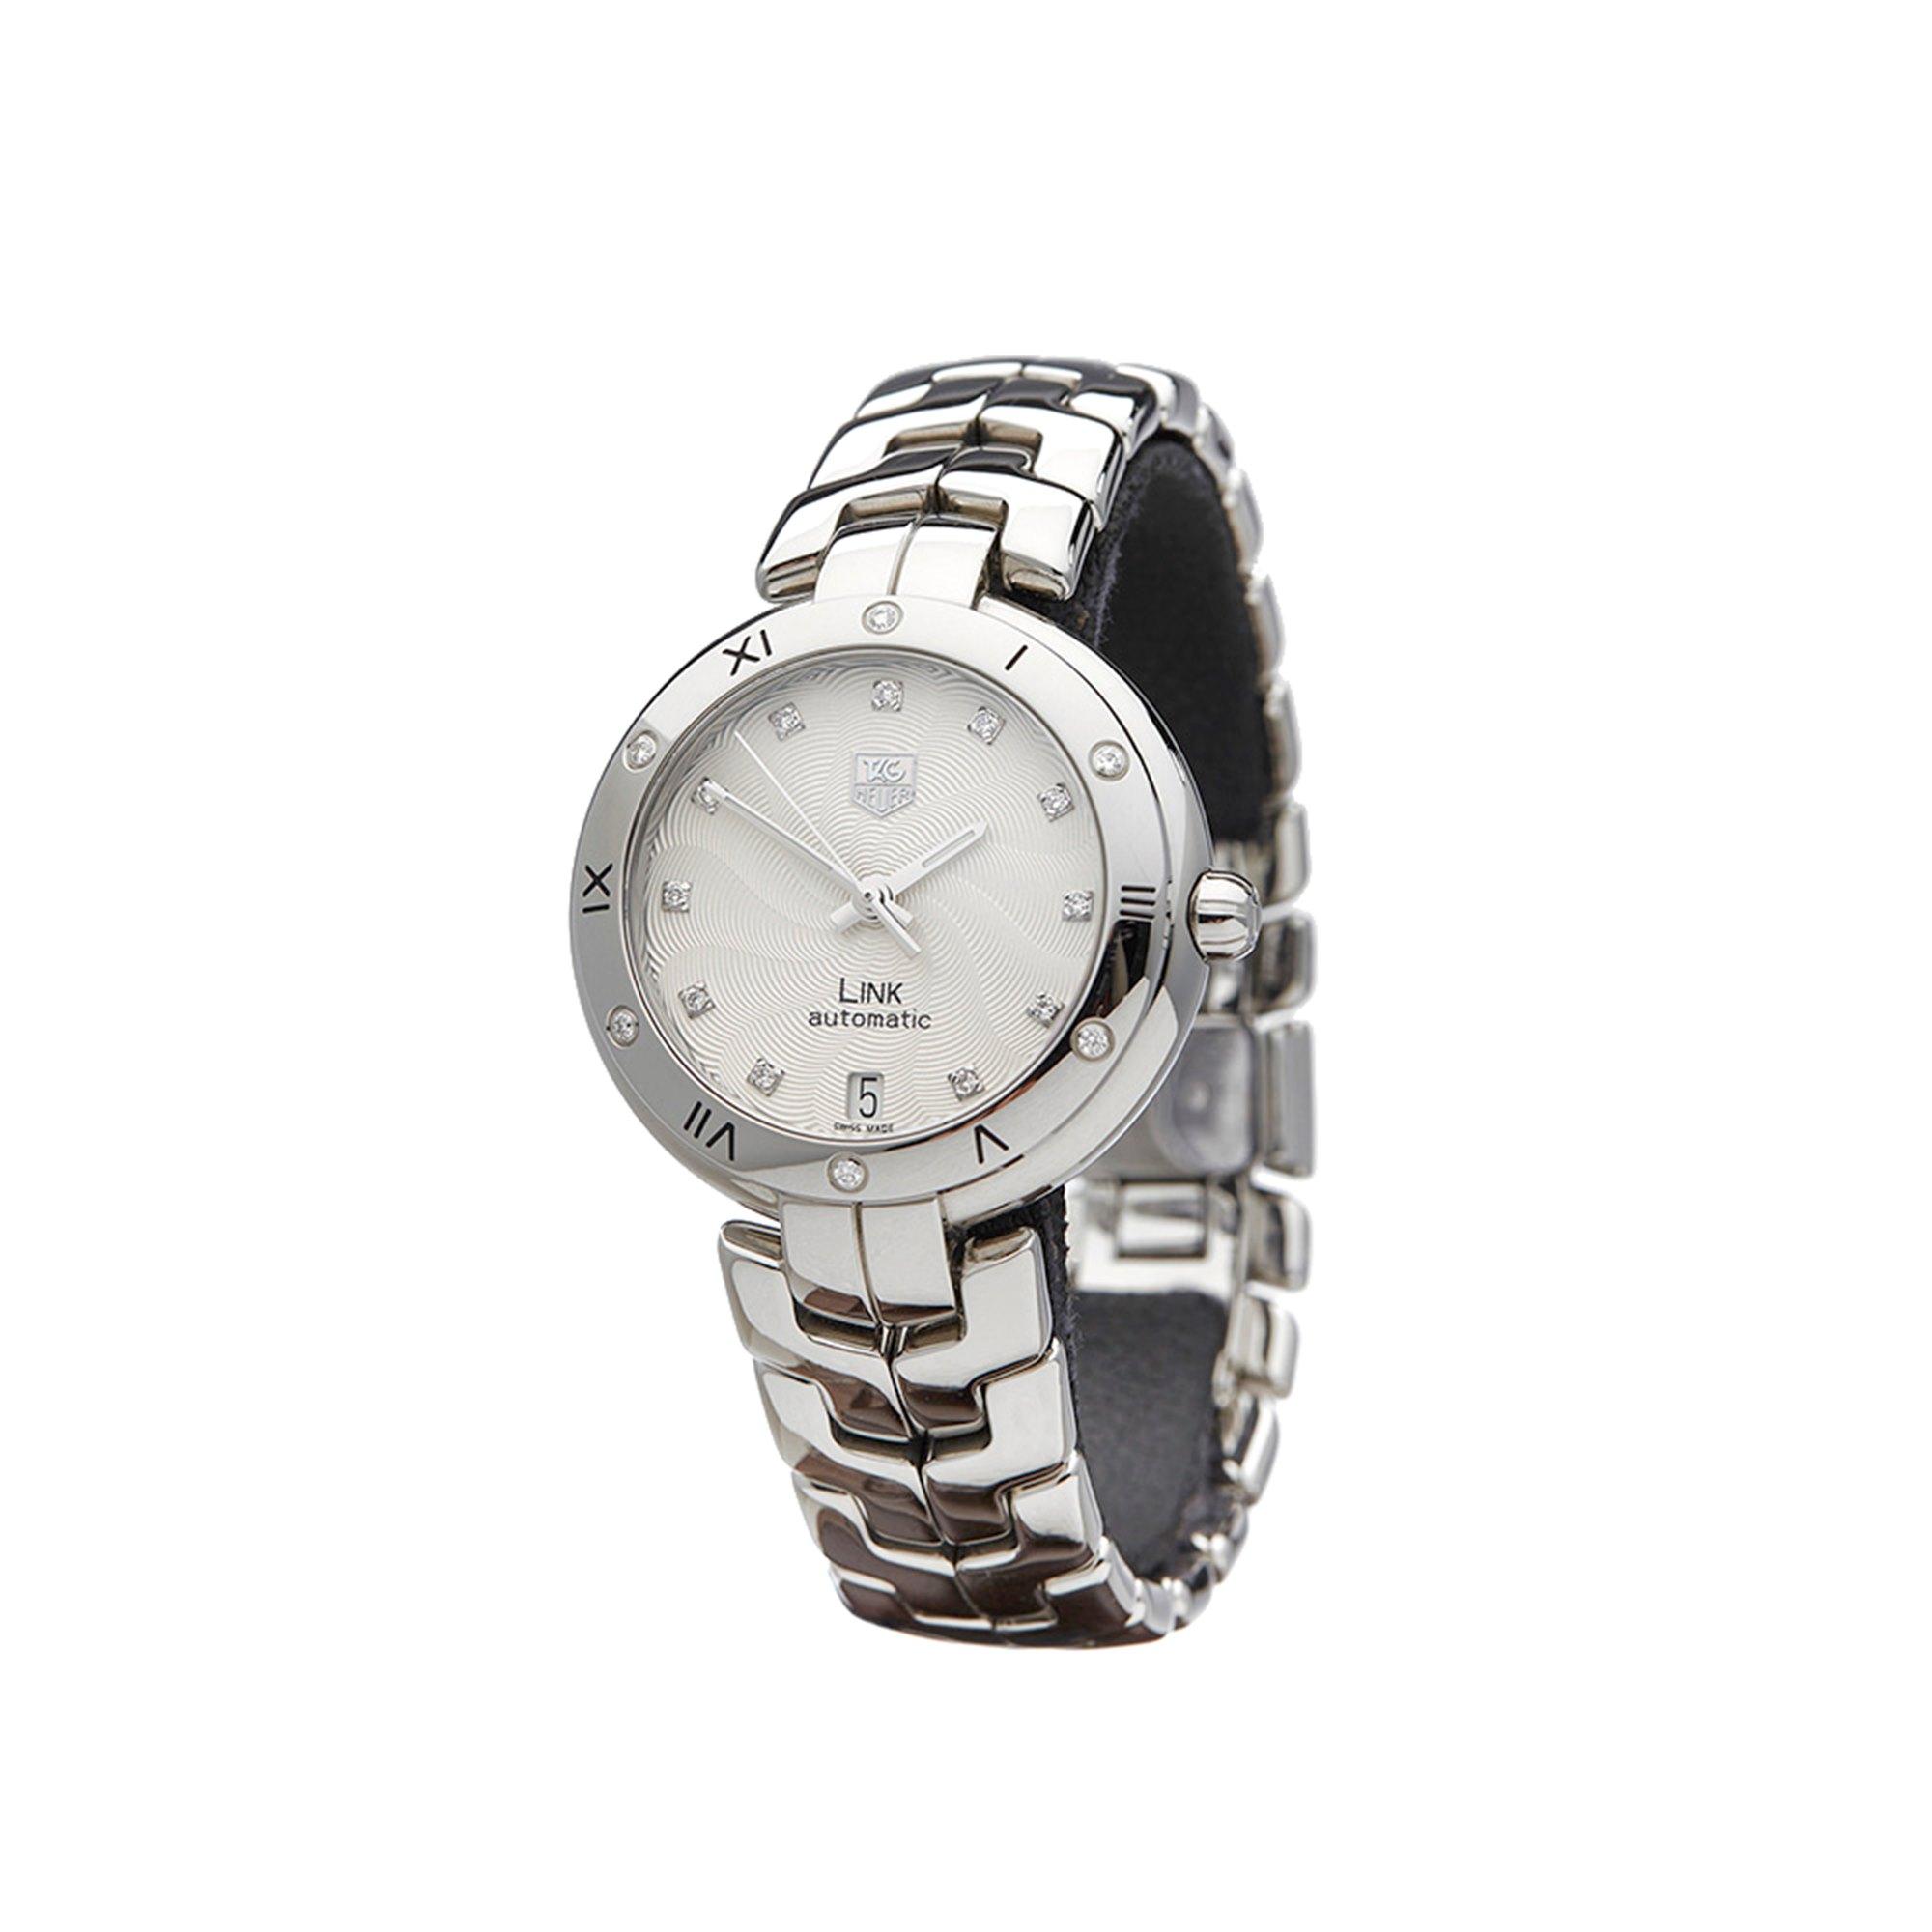 Lot 22 - Tag Heuer Link WAT2312.BA095 Ladies Stainless Steel Diamond Watch